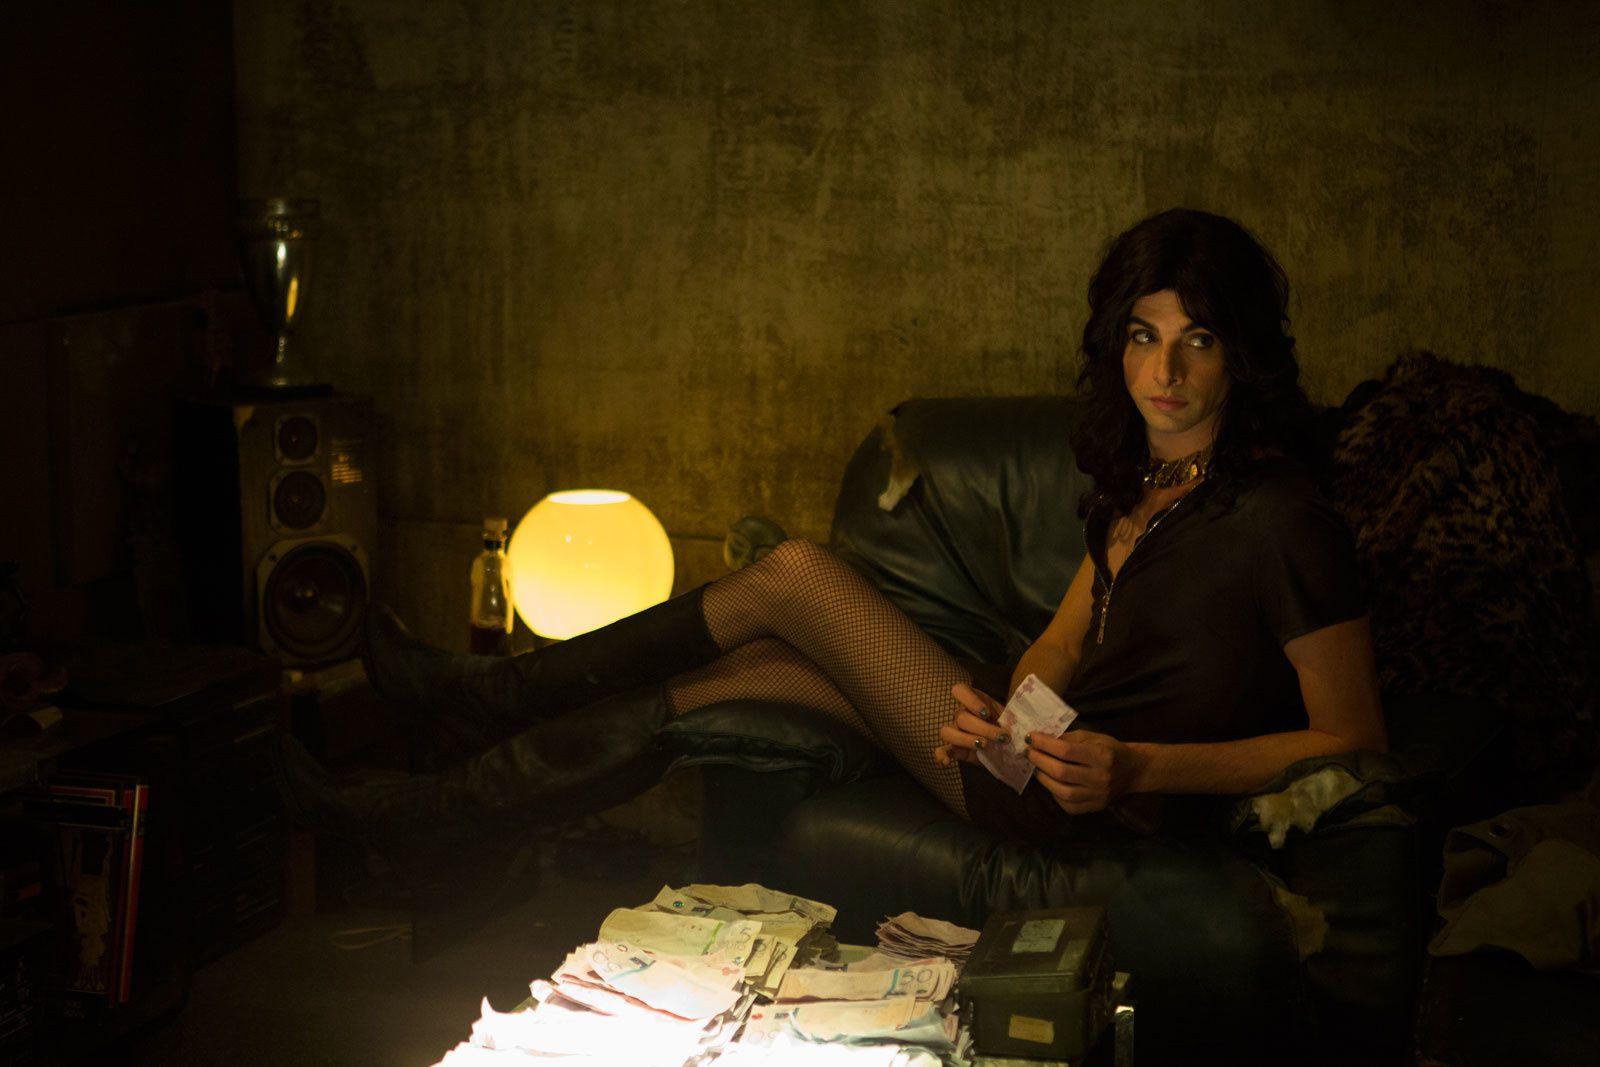 Arès (BANDE ANNONCE) avec Ola Rapace, Eva Lallier, Micha Lescot - Le 23 novembre 2016 au cinéma